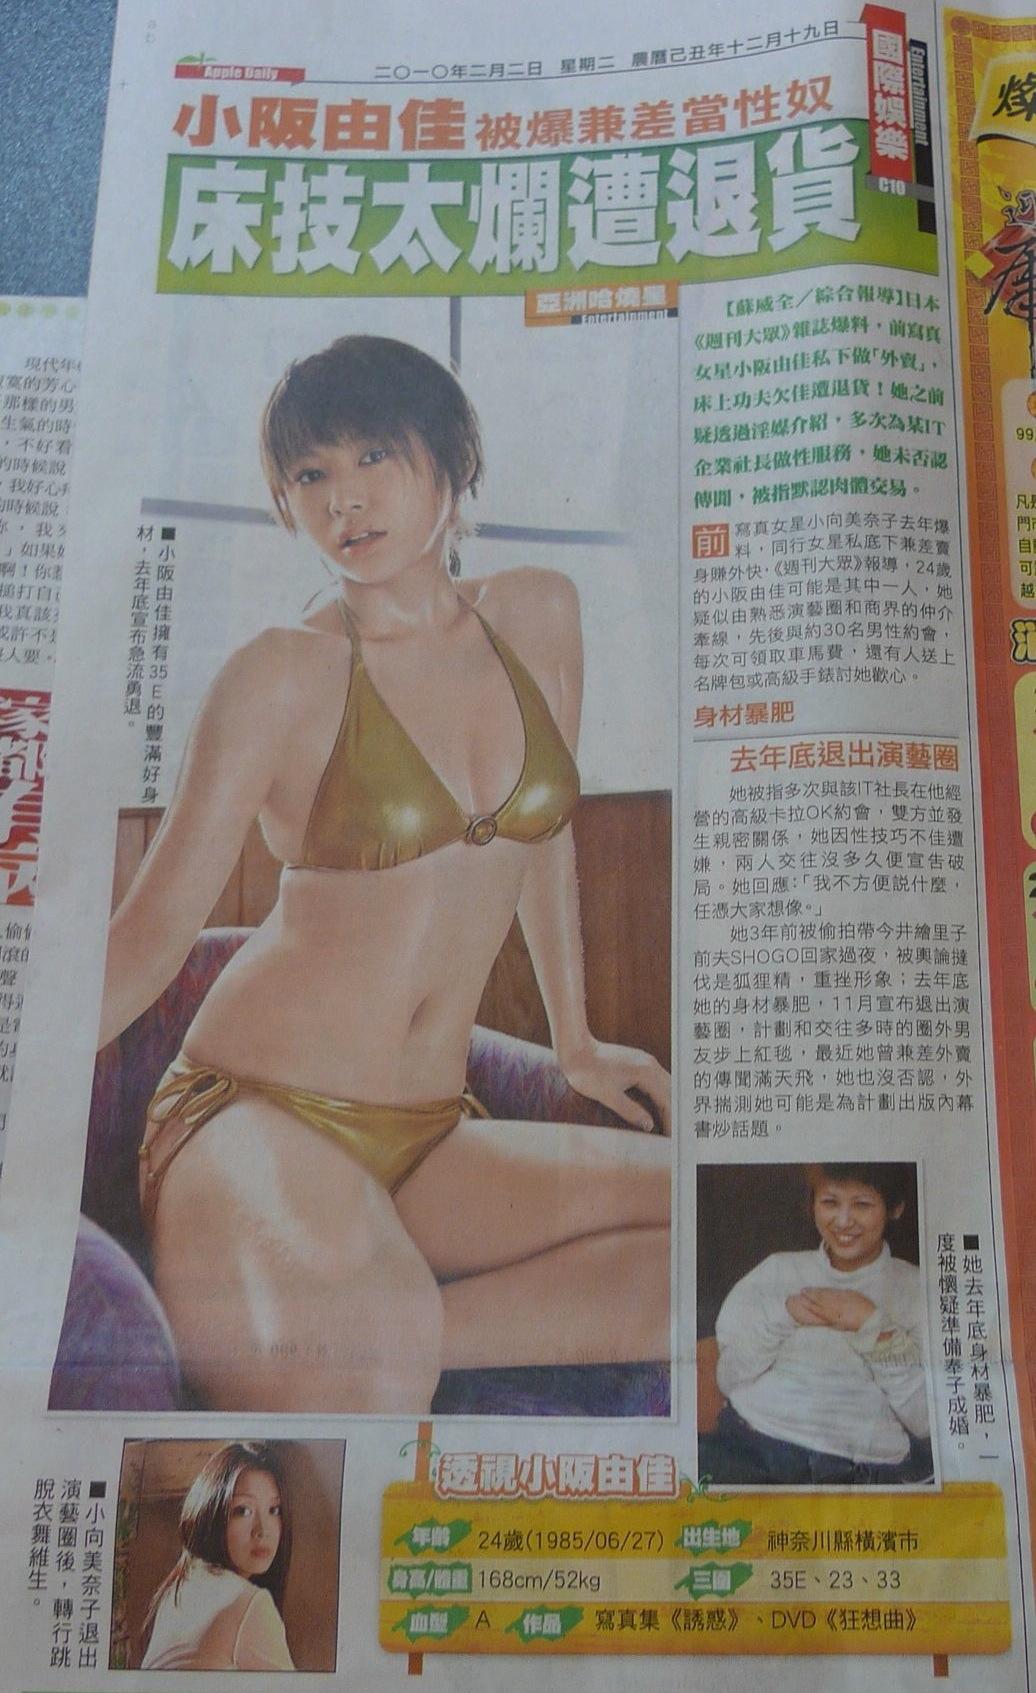 小阪由佳被爆兼差當性奴 床技太爛遭退貨 20100202